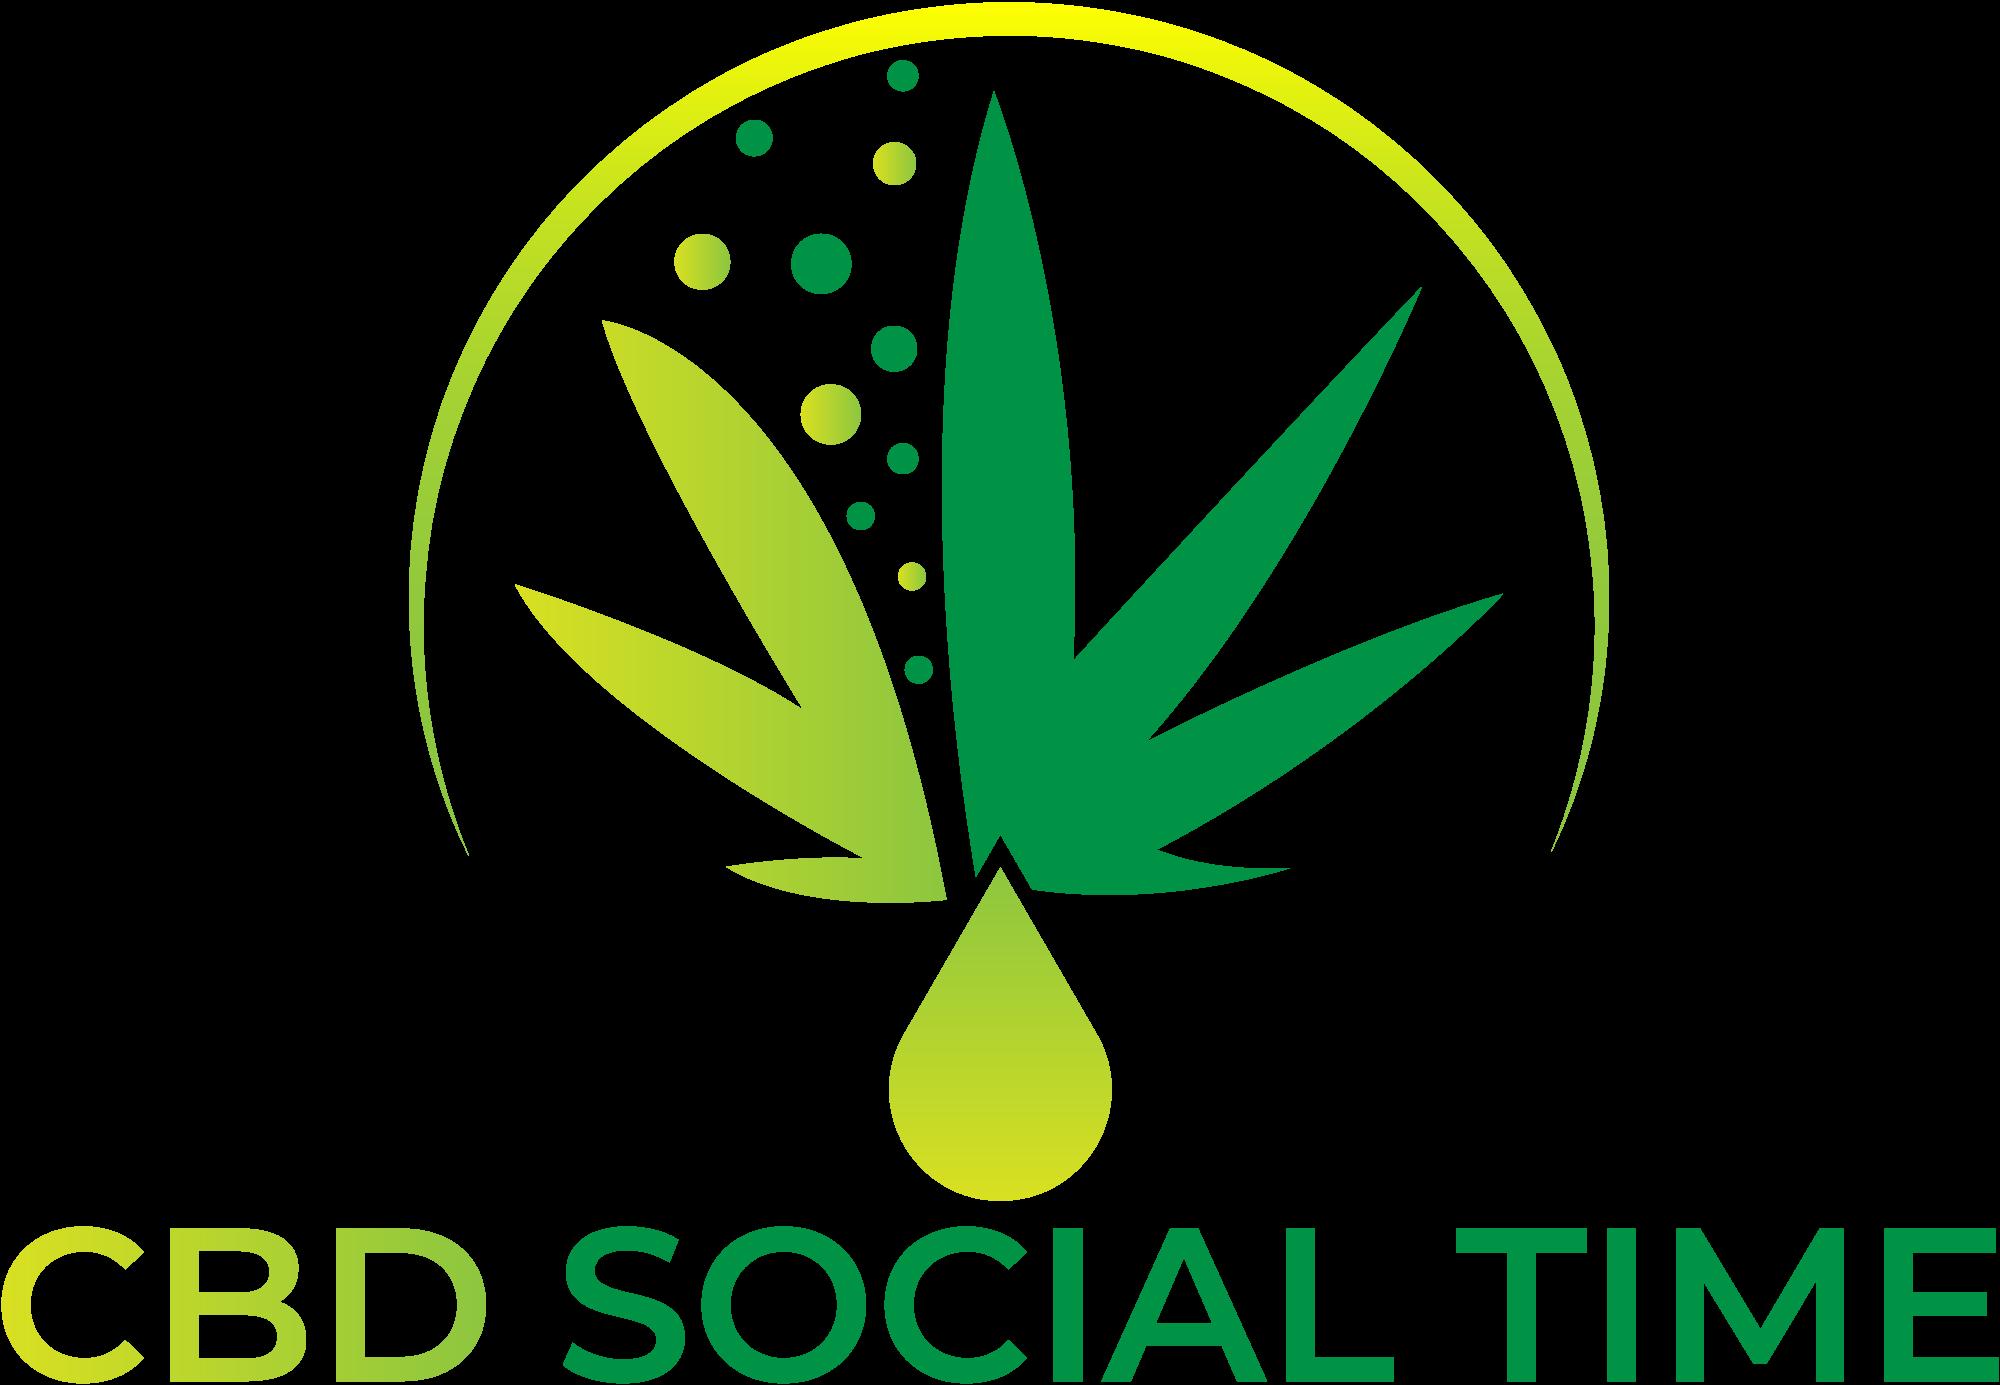 Cbd cannabis bien être cosmétiques huile cbd Belgique Bien-être